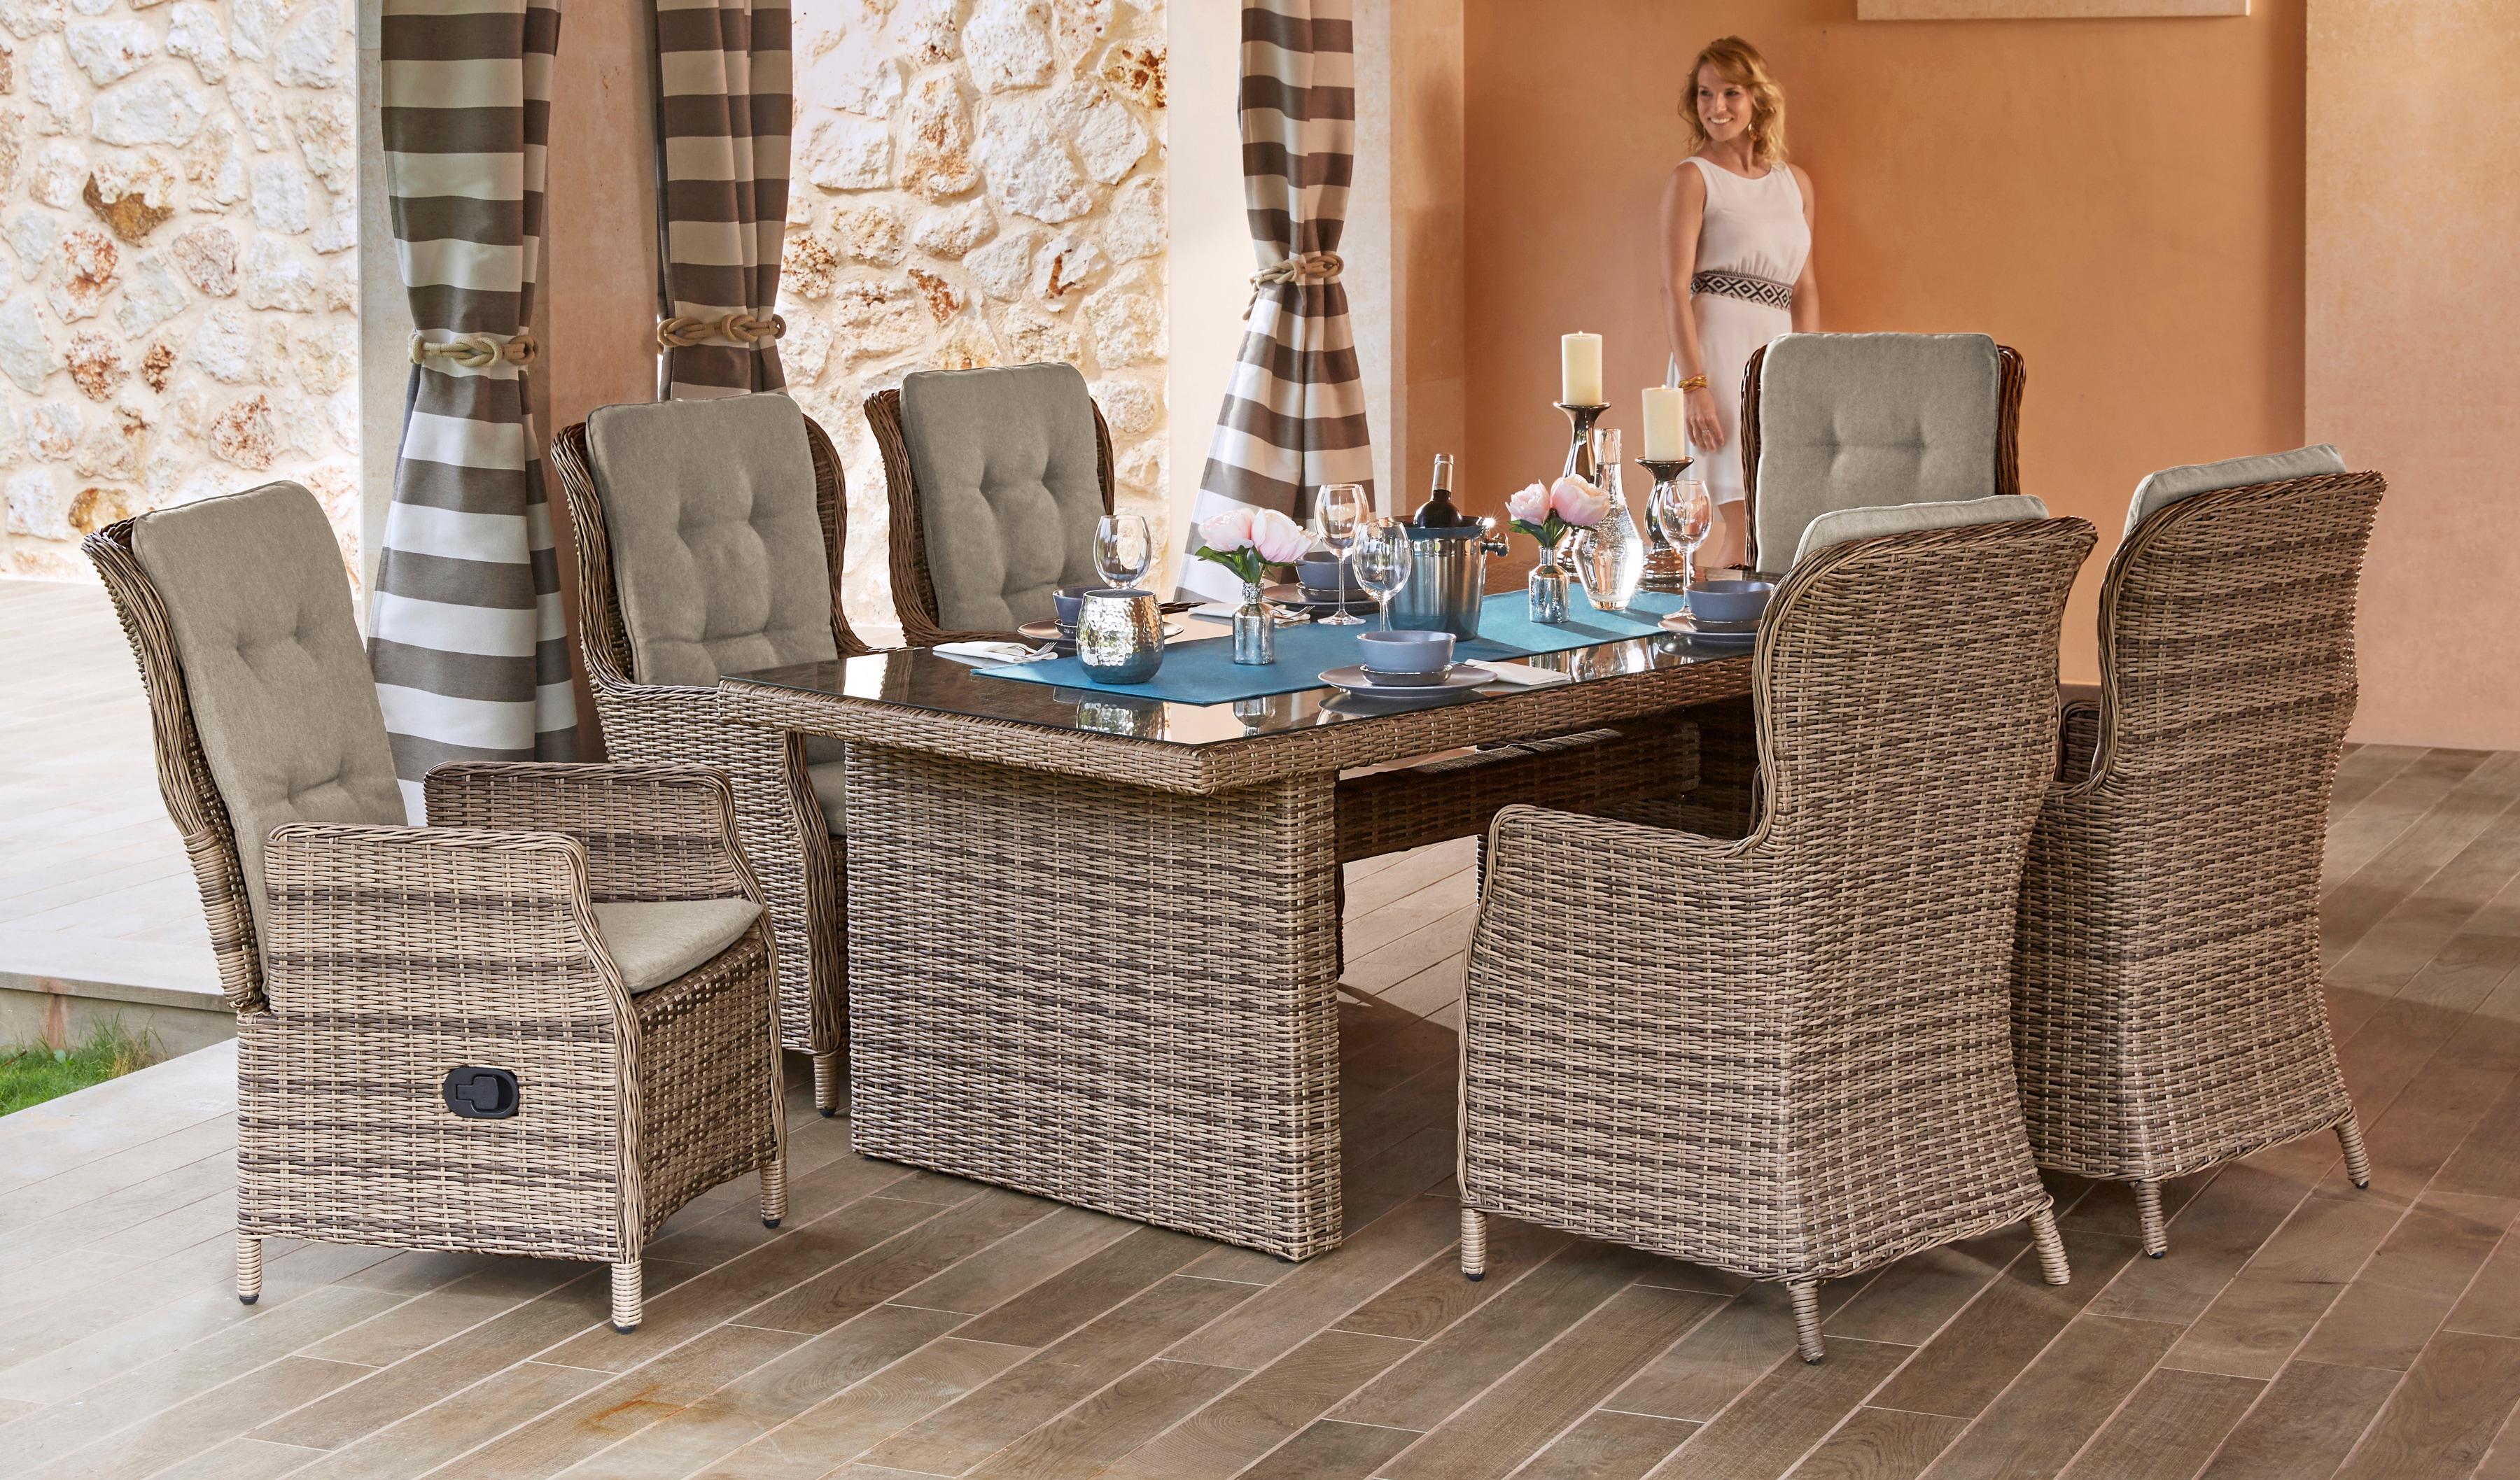 MERXX Gartenmöbelset Riviera 13-tlg 6 Hochlehner Tisch200x100 cm Polyrattan